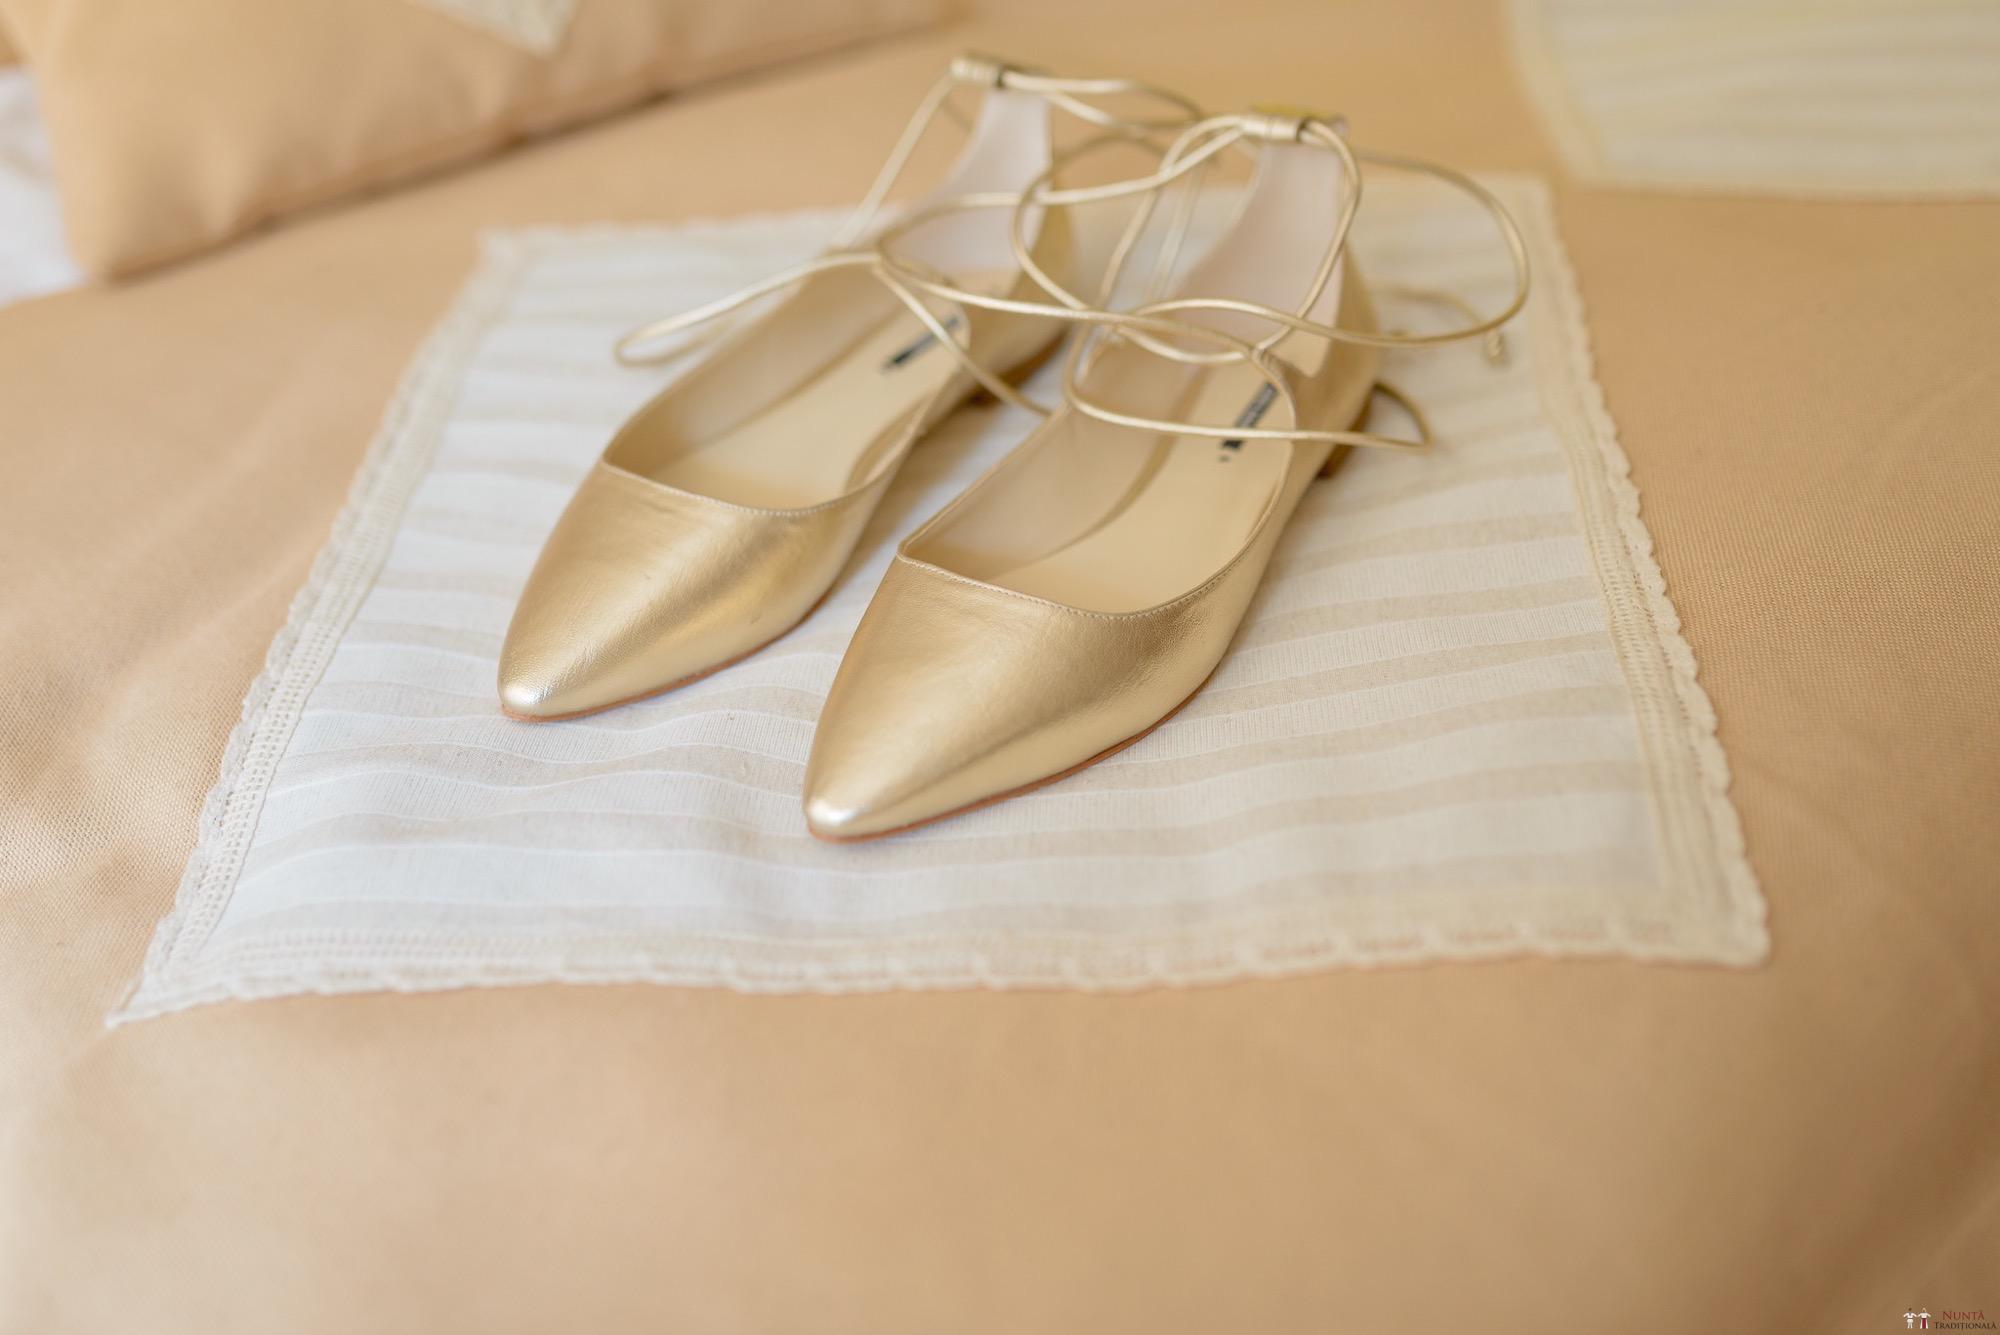 Povești Nunți Tradiționale - Aurelian și Sonia. Nuntă tradițională în Câmpulung Moldovenesc 2